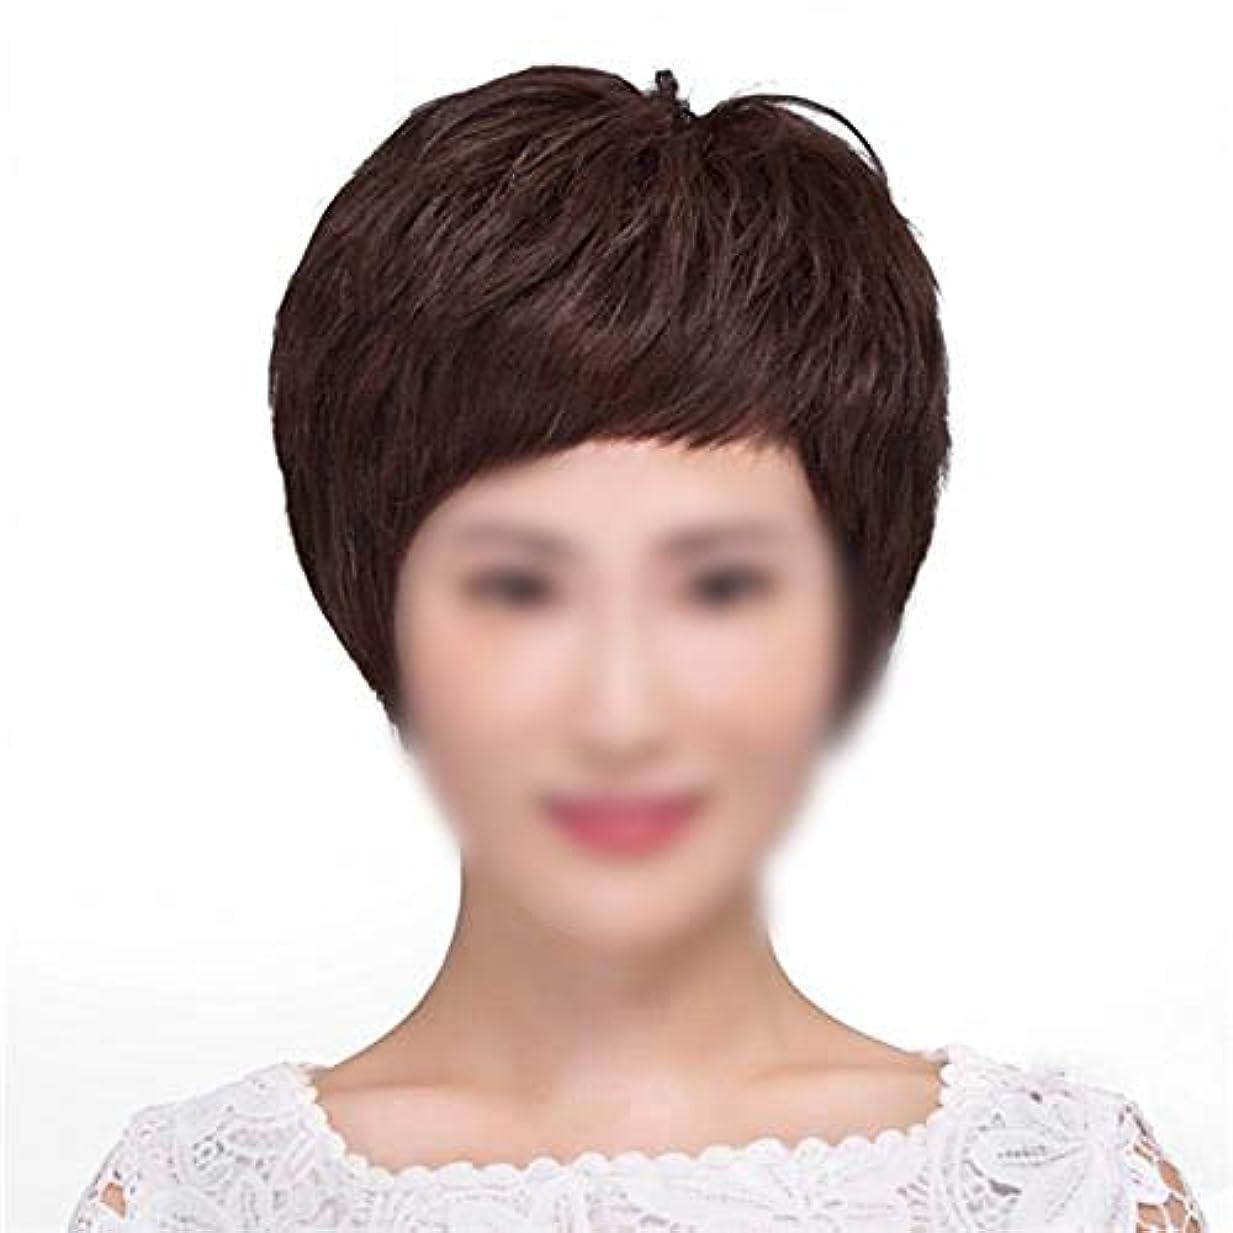 血統診療所考えたYOUQIU 女性のパーティードレス毎日ウィッグ用ハンドニードルレアル髪ショートストレート髪ふわふわナチュラルウィッグ (色 : Natural black)